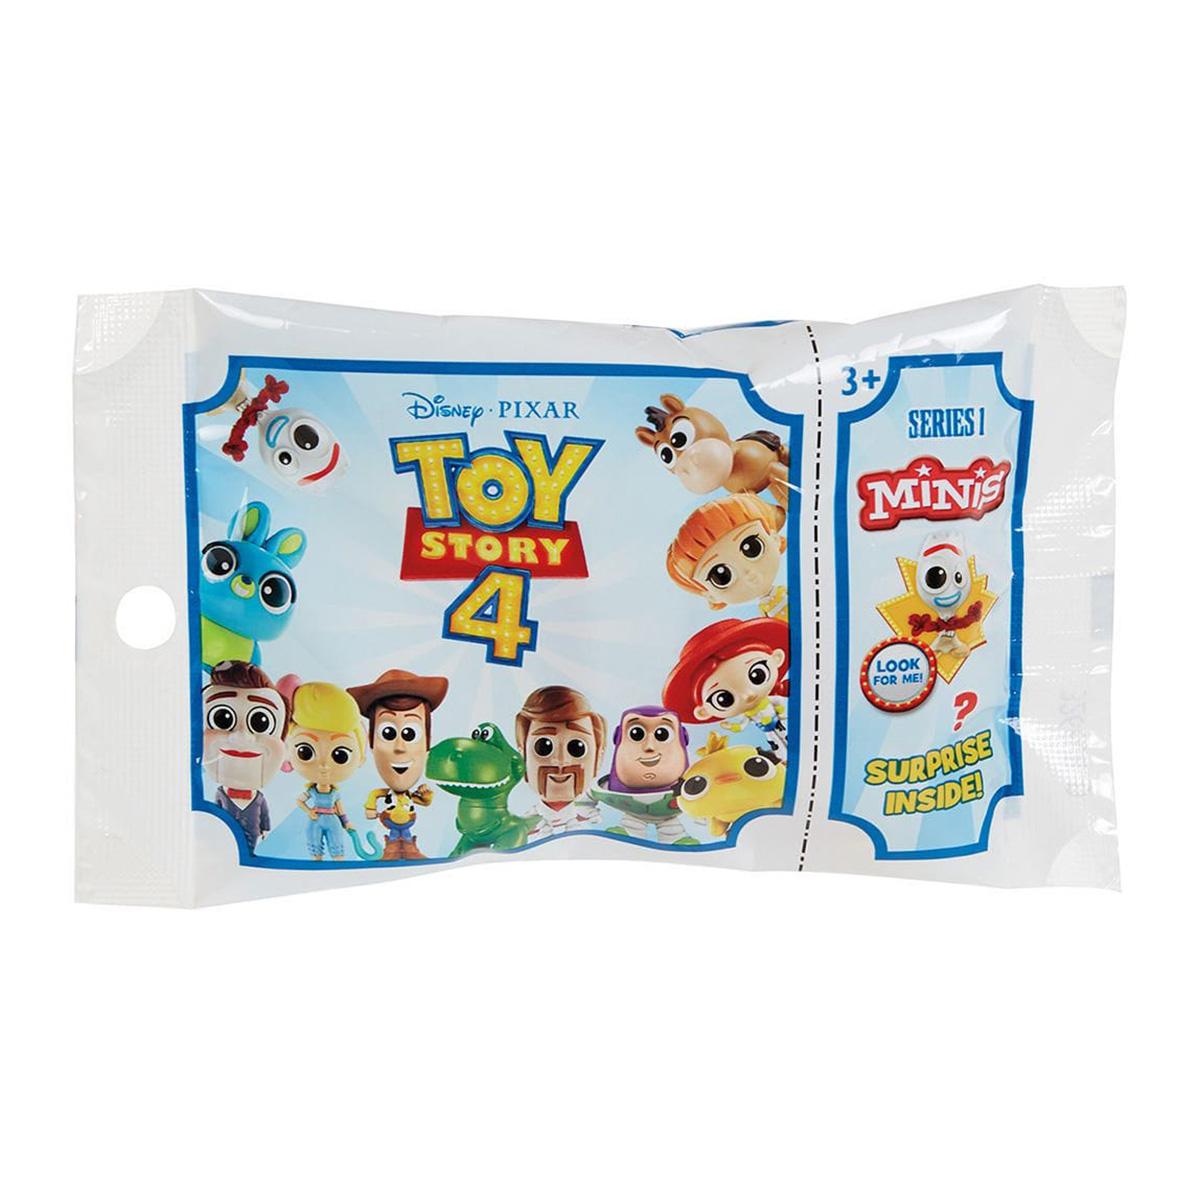 Disney Pixar Toy Story 4 Series 3 Mini Figure Blind Bags 4 Pack